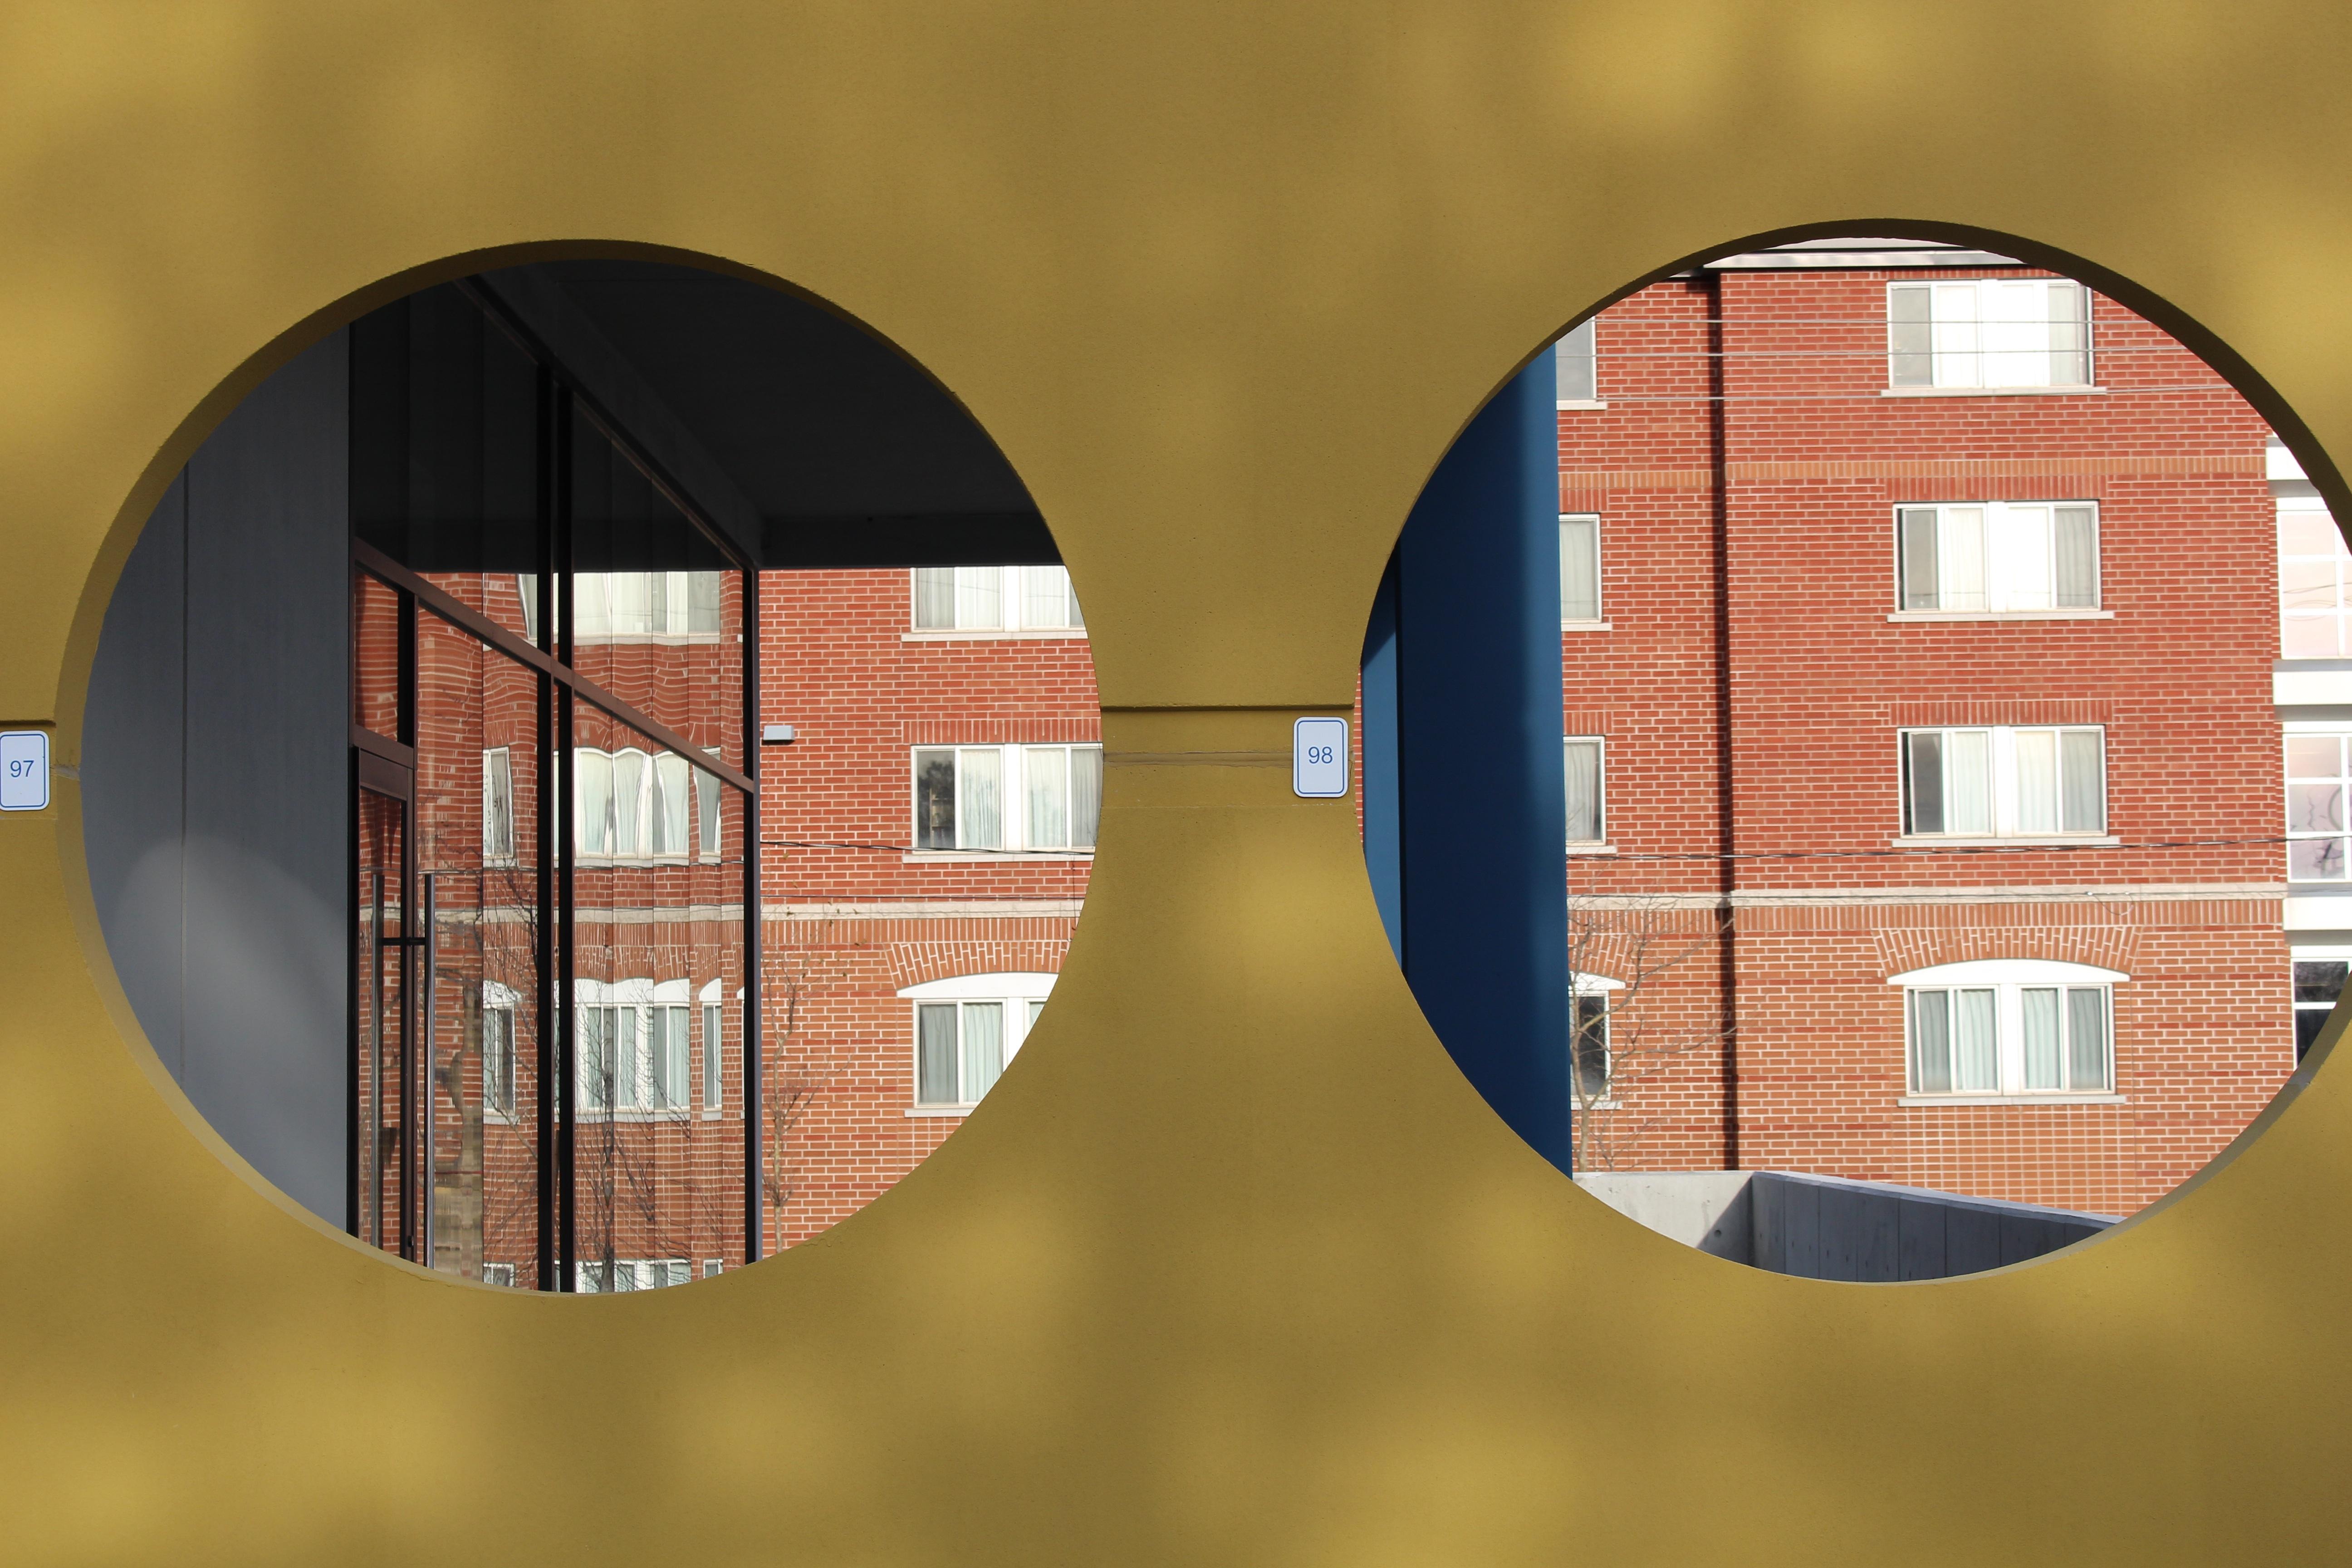 Gratis billeder : vinter, lys, arkitektur, struktur, træ, vindue, by ...